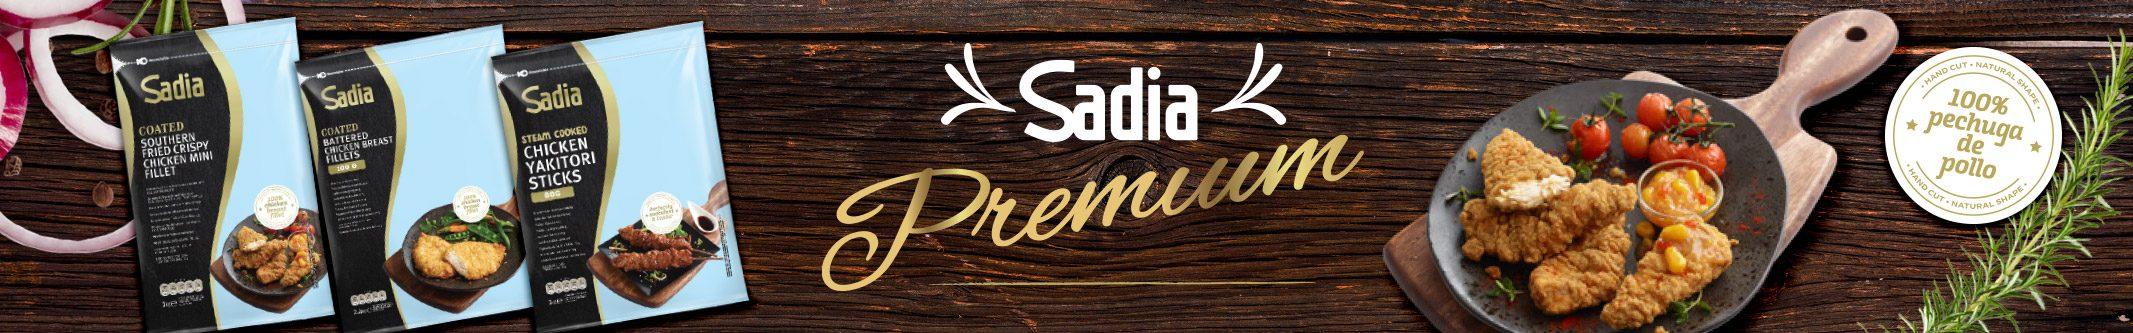 Sadia premium foodservice